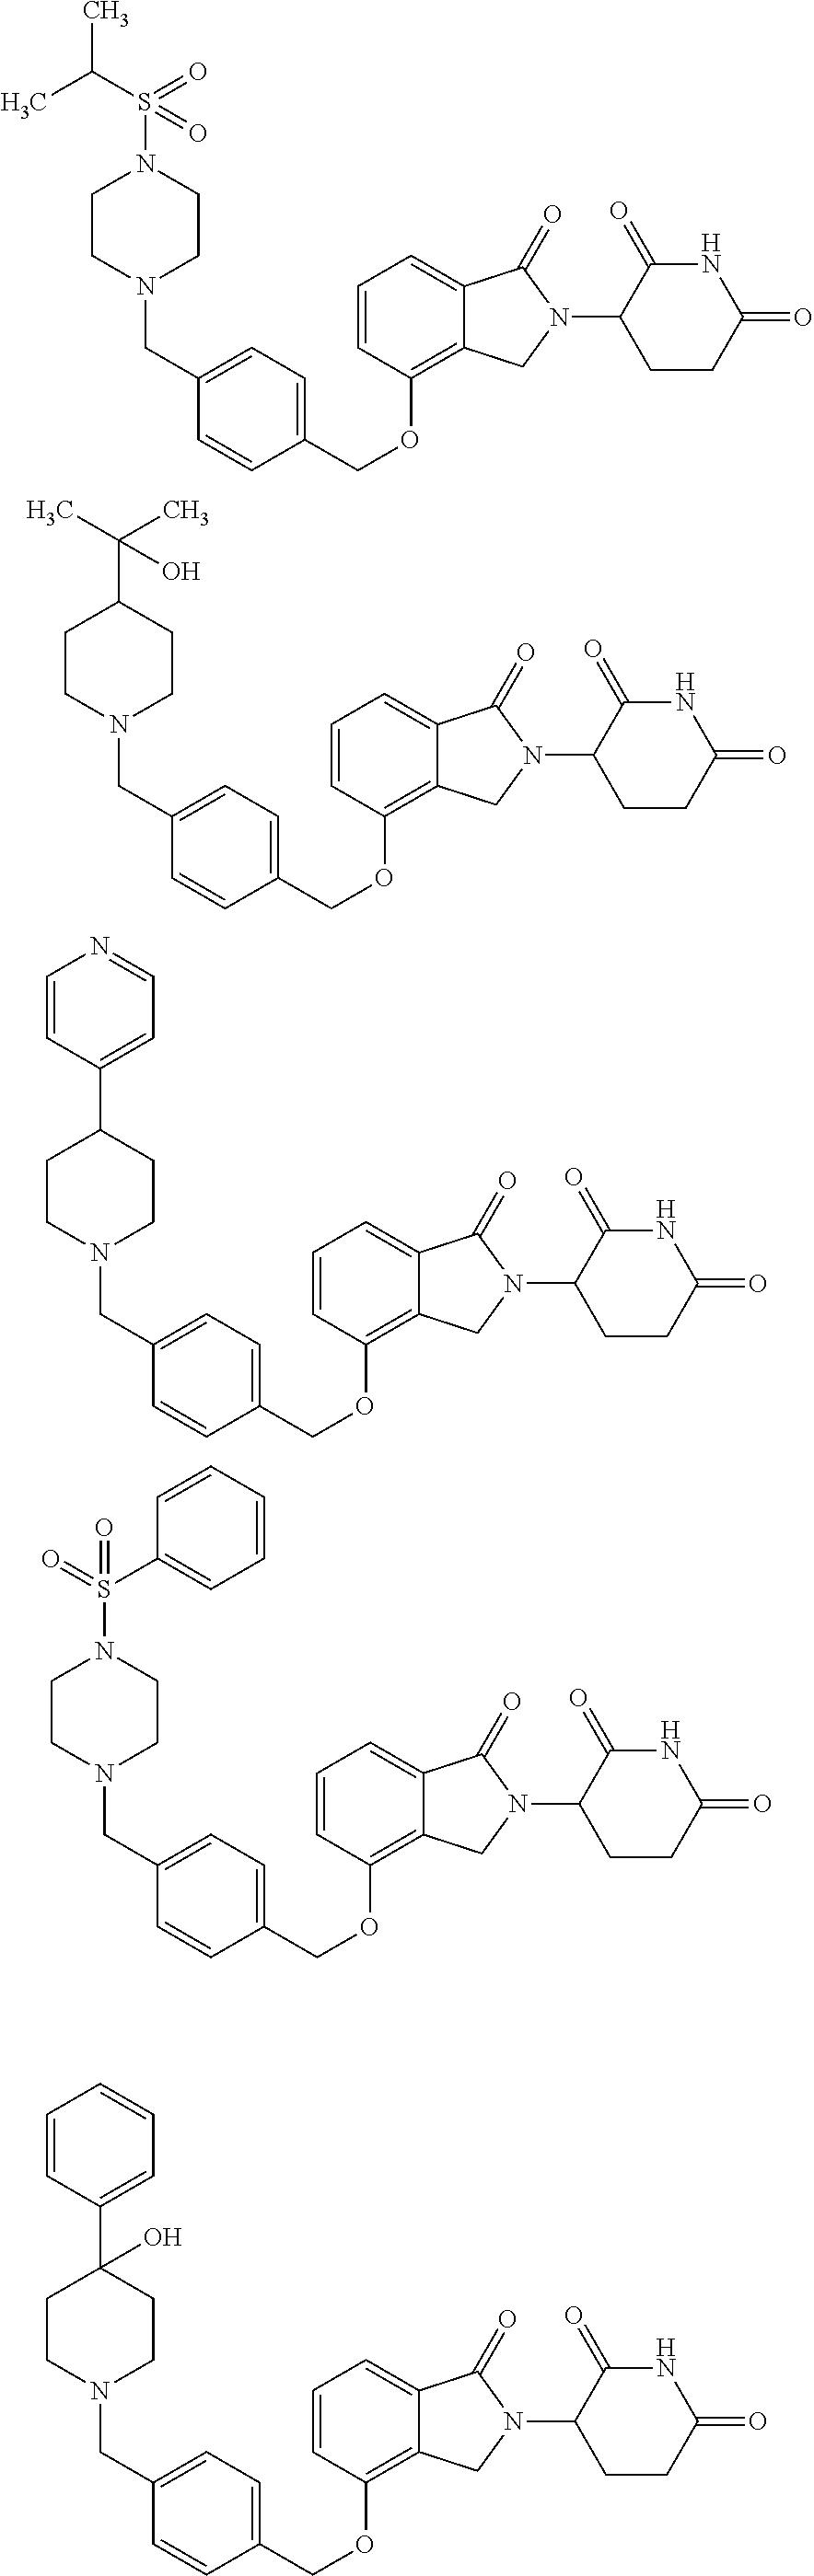 Figure US09822094-20171121-C00041